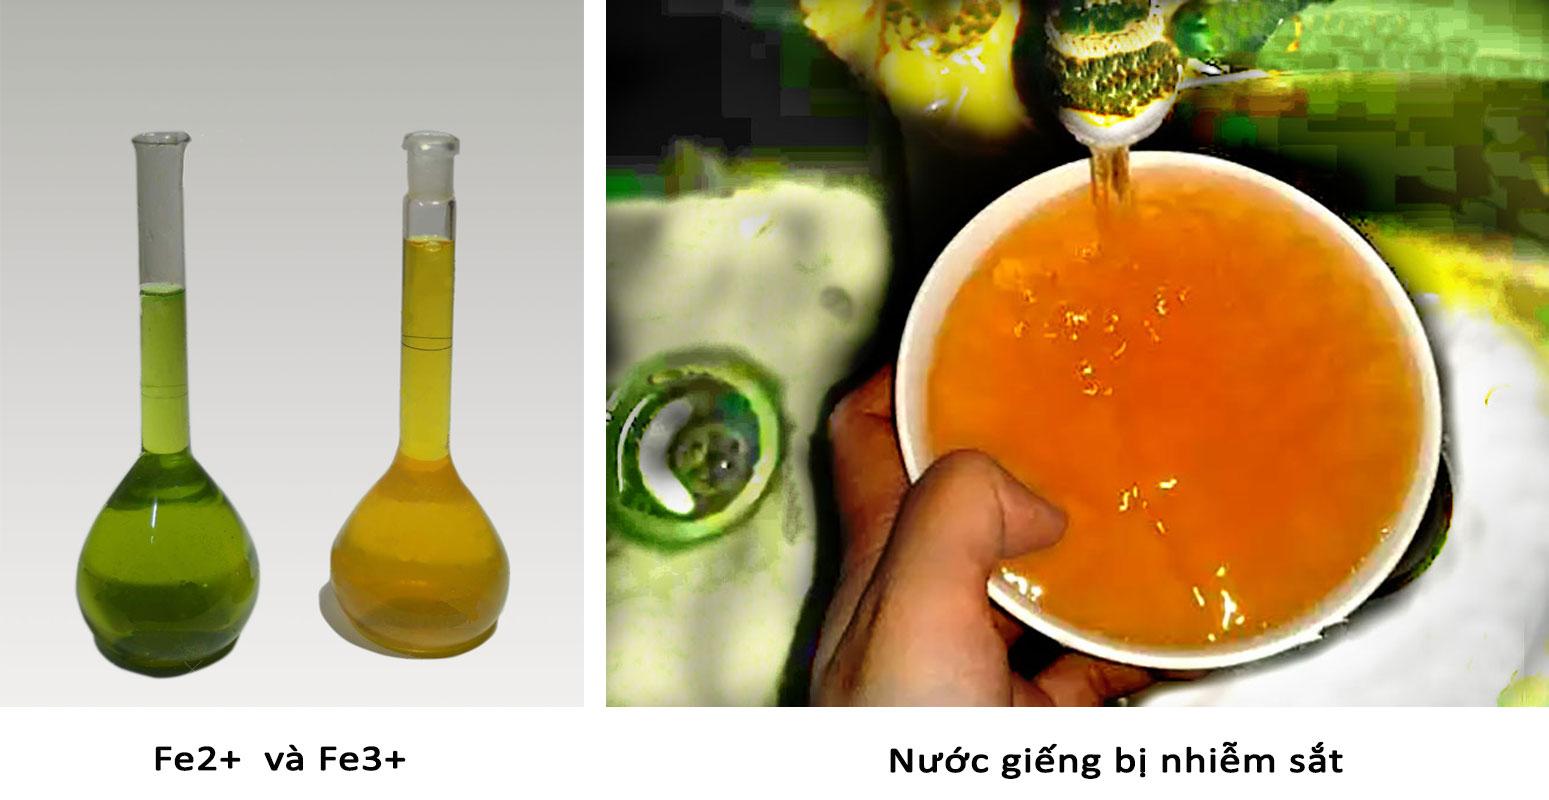 Hình ảnh minh họa nước bị nhiễm sắt và cần áp dụng các phương pháp xử lý nước ngầm